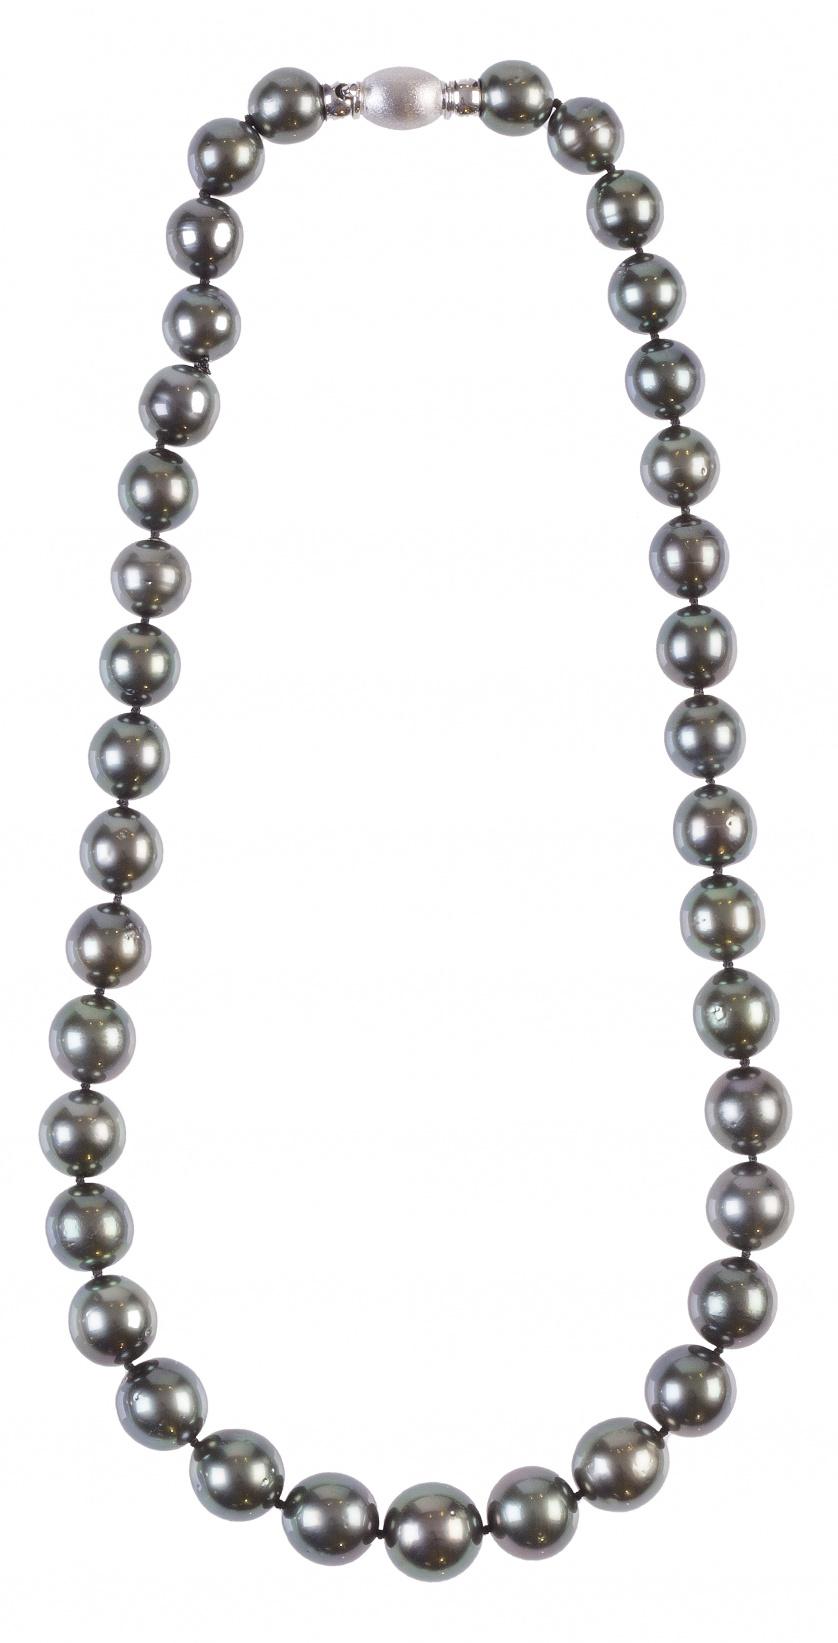 Collar de perlas de Tahití con cierre de tonel en oro blanc